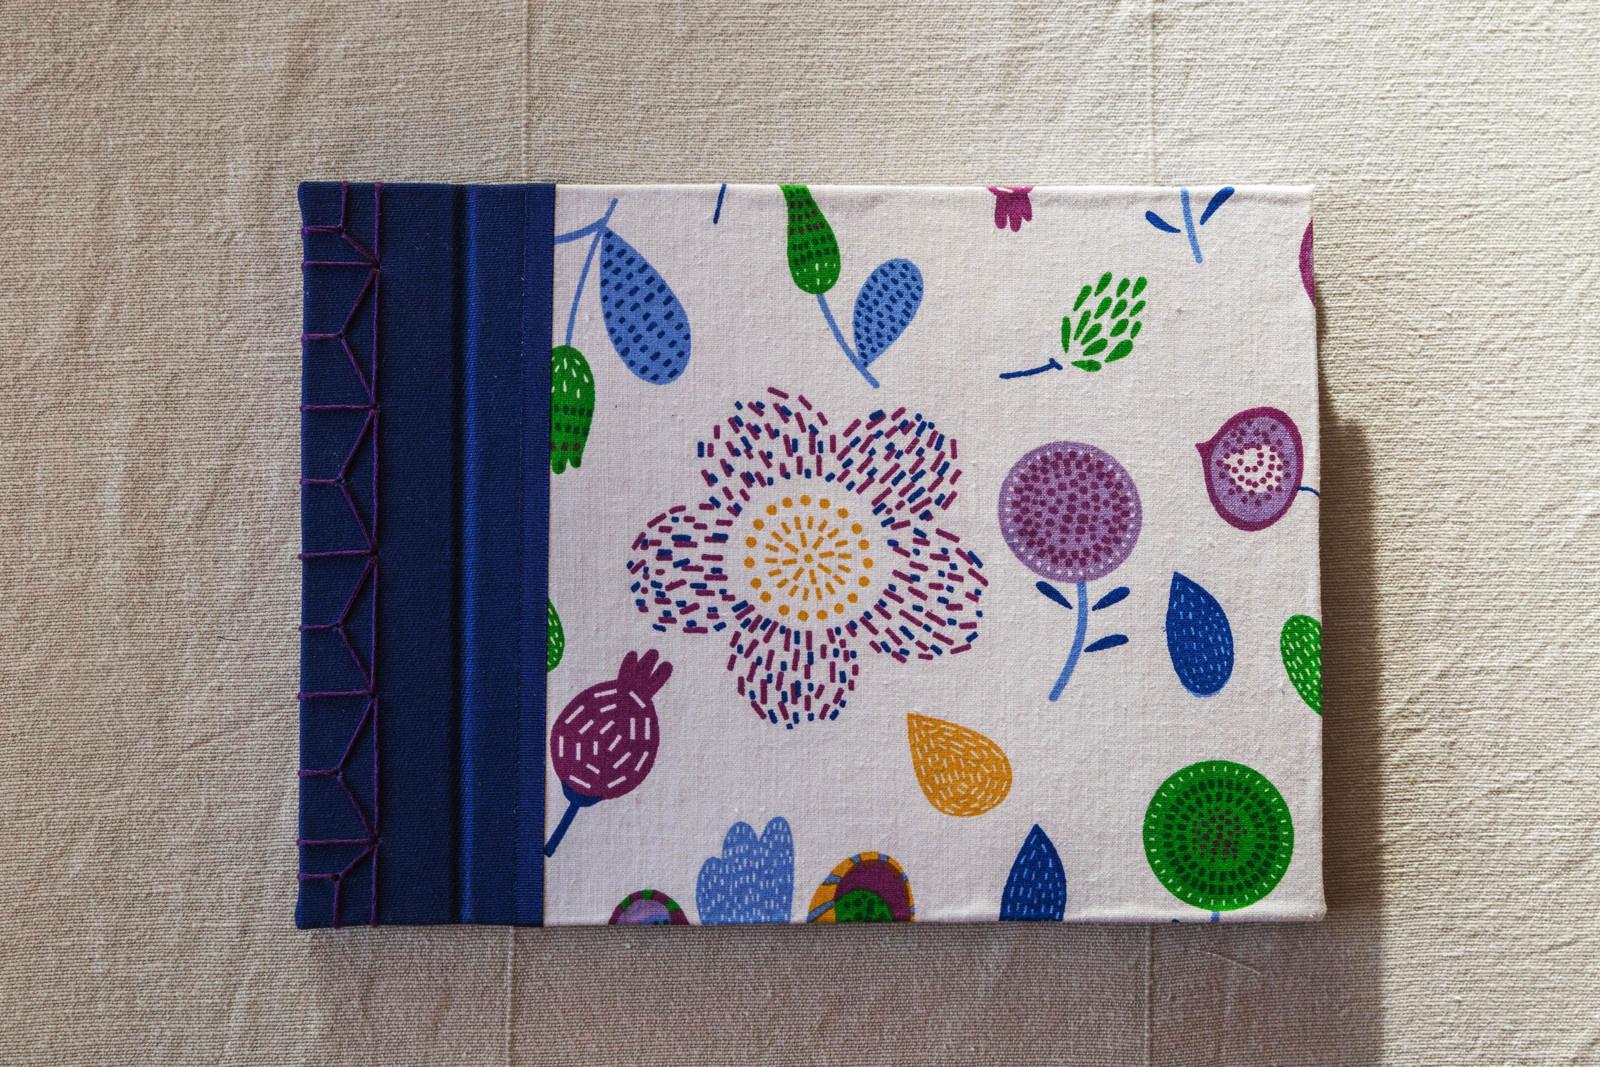 Fotoalbum barevné květiny   Zboží prodejce Gabudlak  f387a33cd2